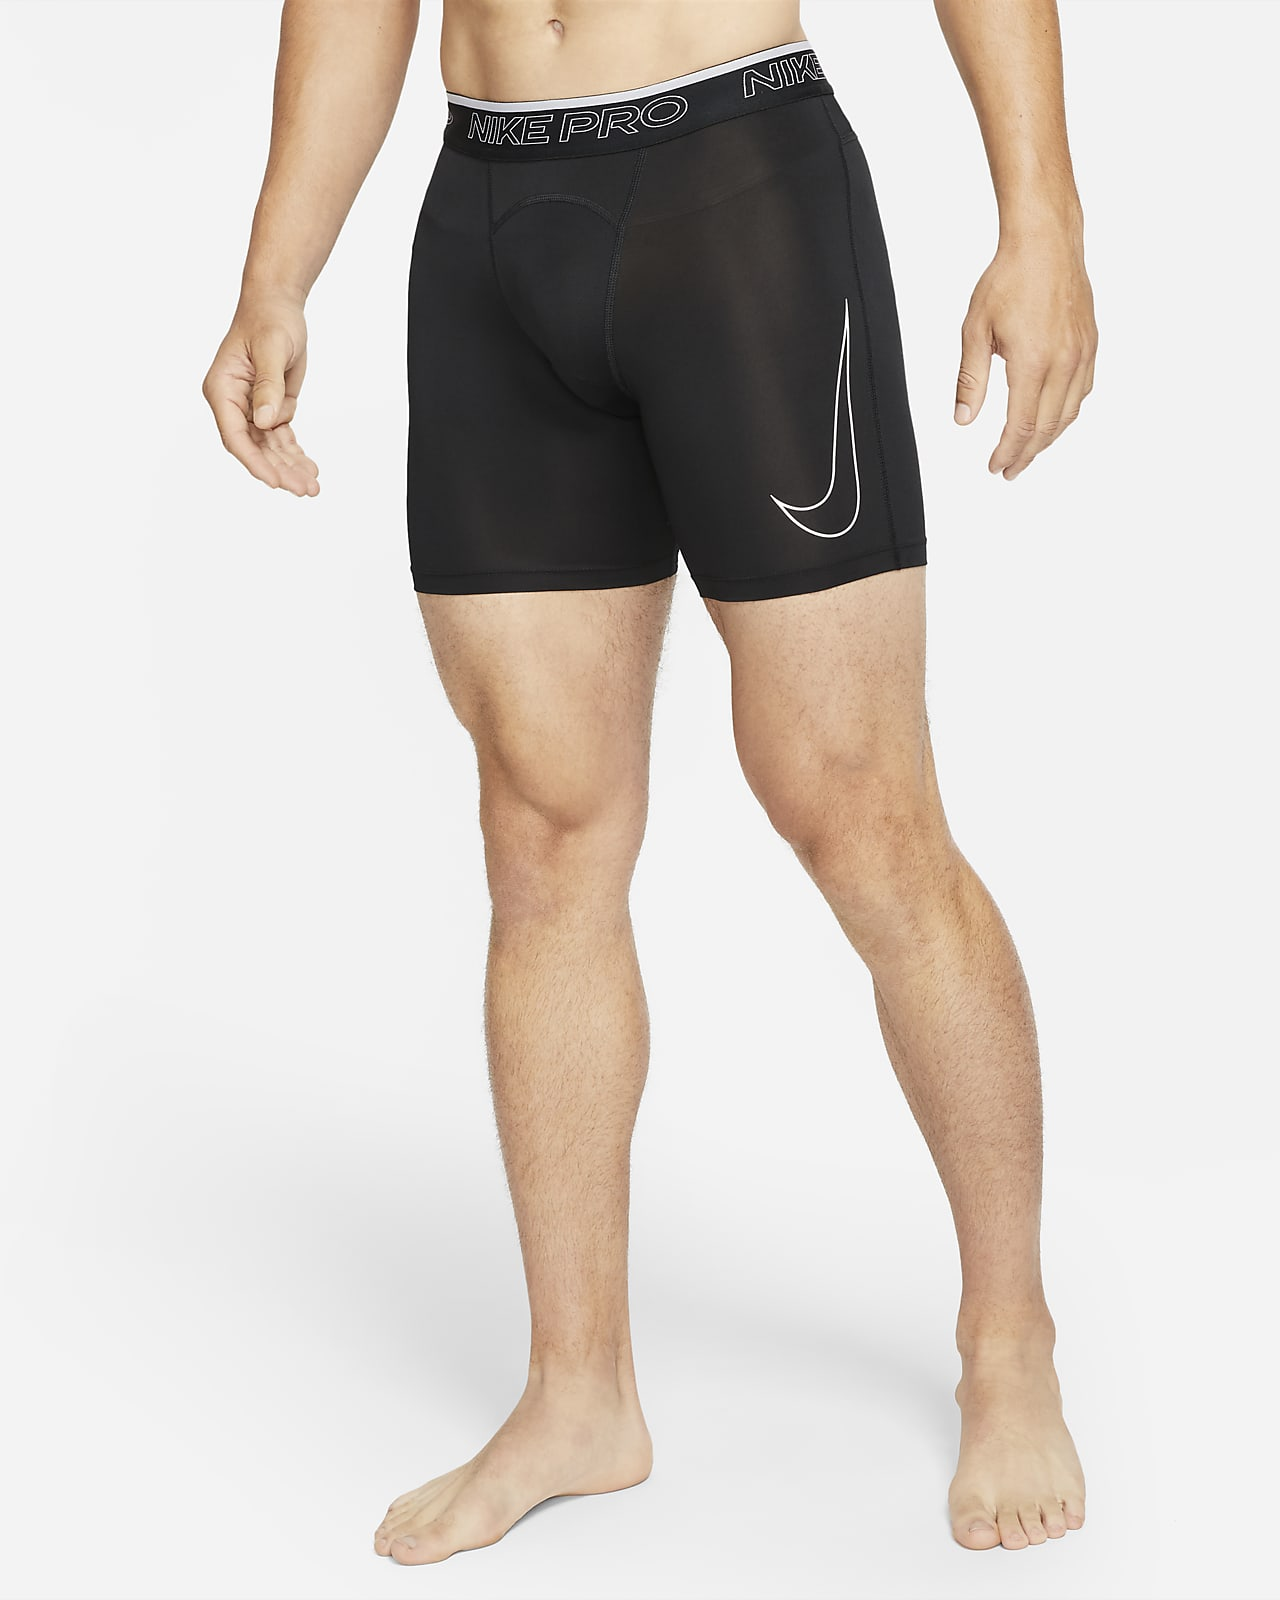 Nike Pro Dri-FIT Men's Shorts